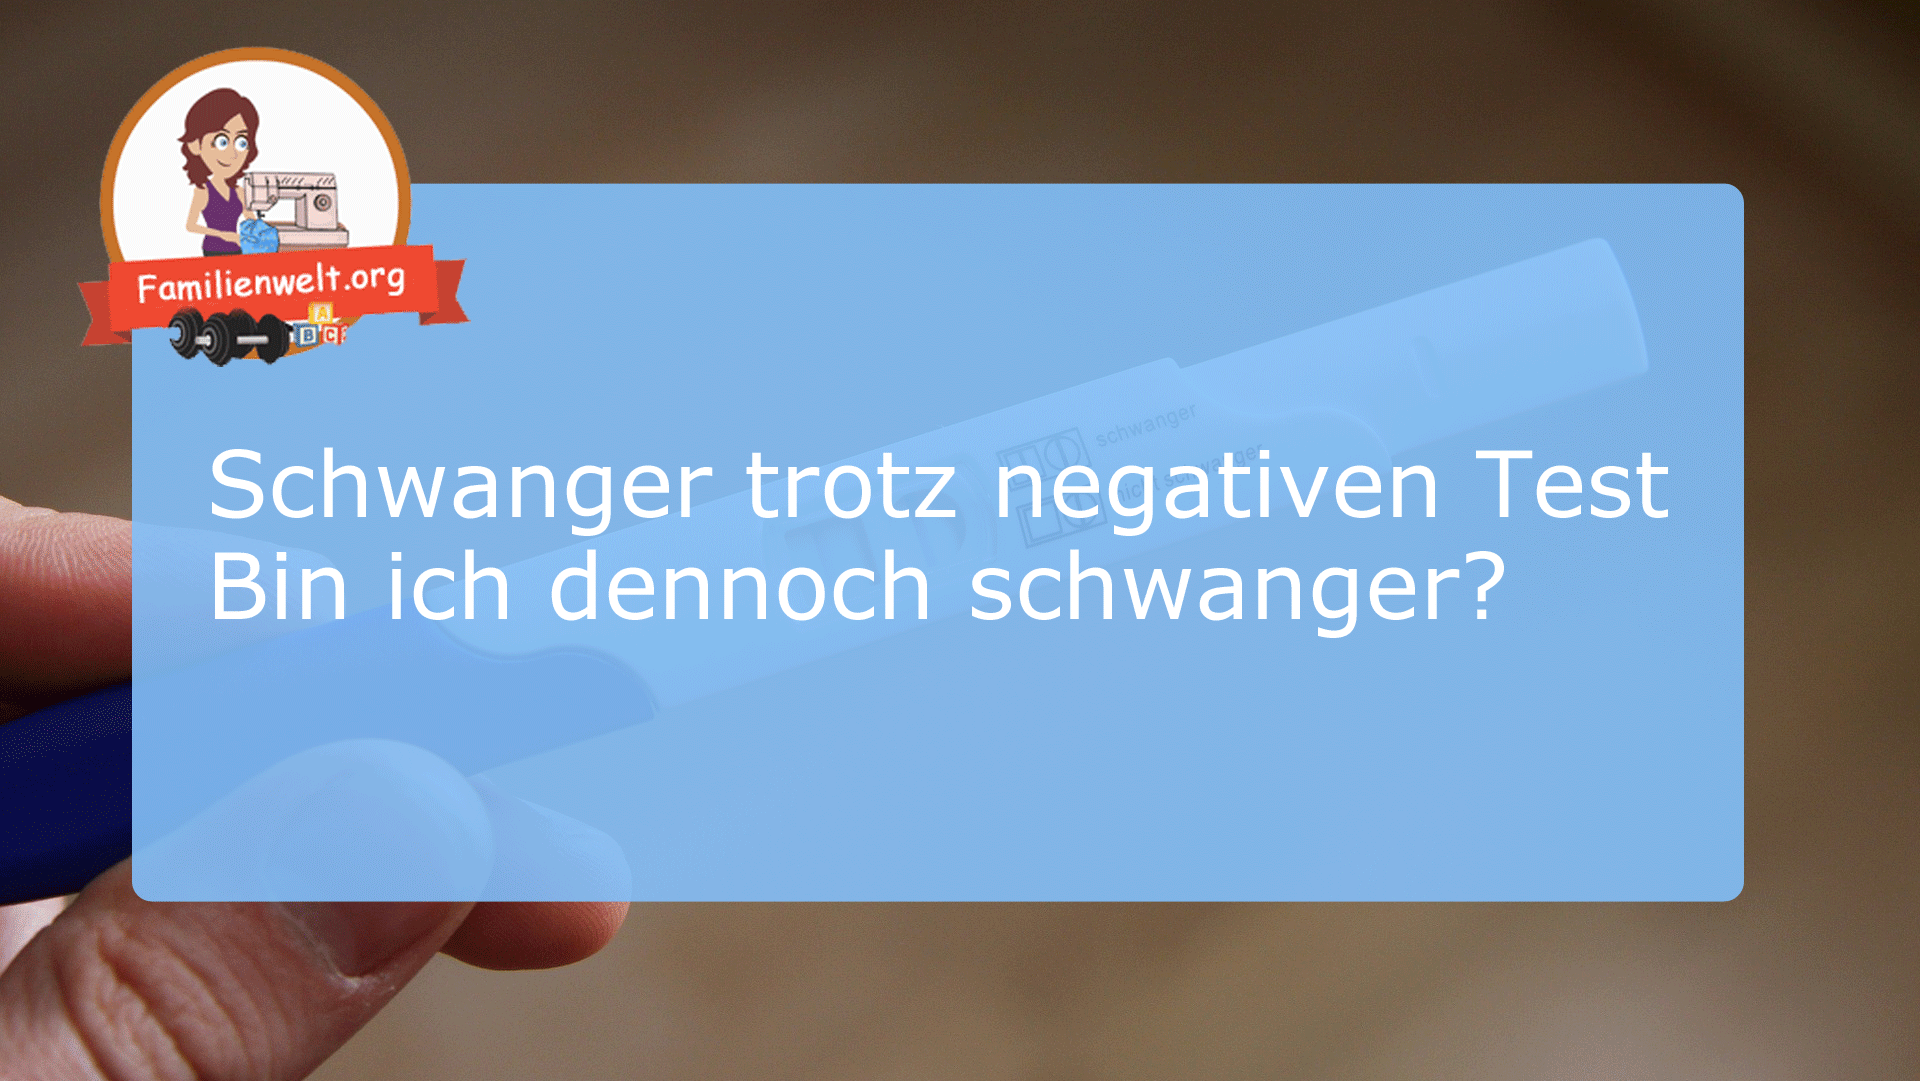 Schwanger trotz negatives Testergebnis